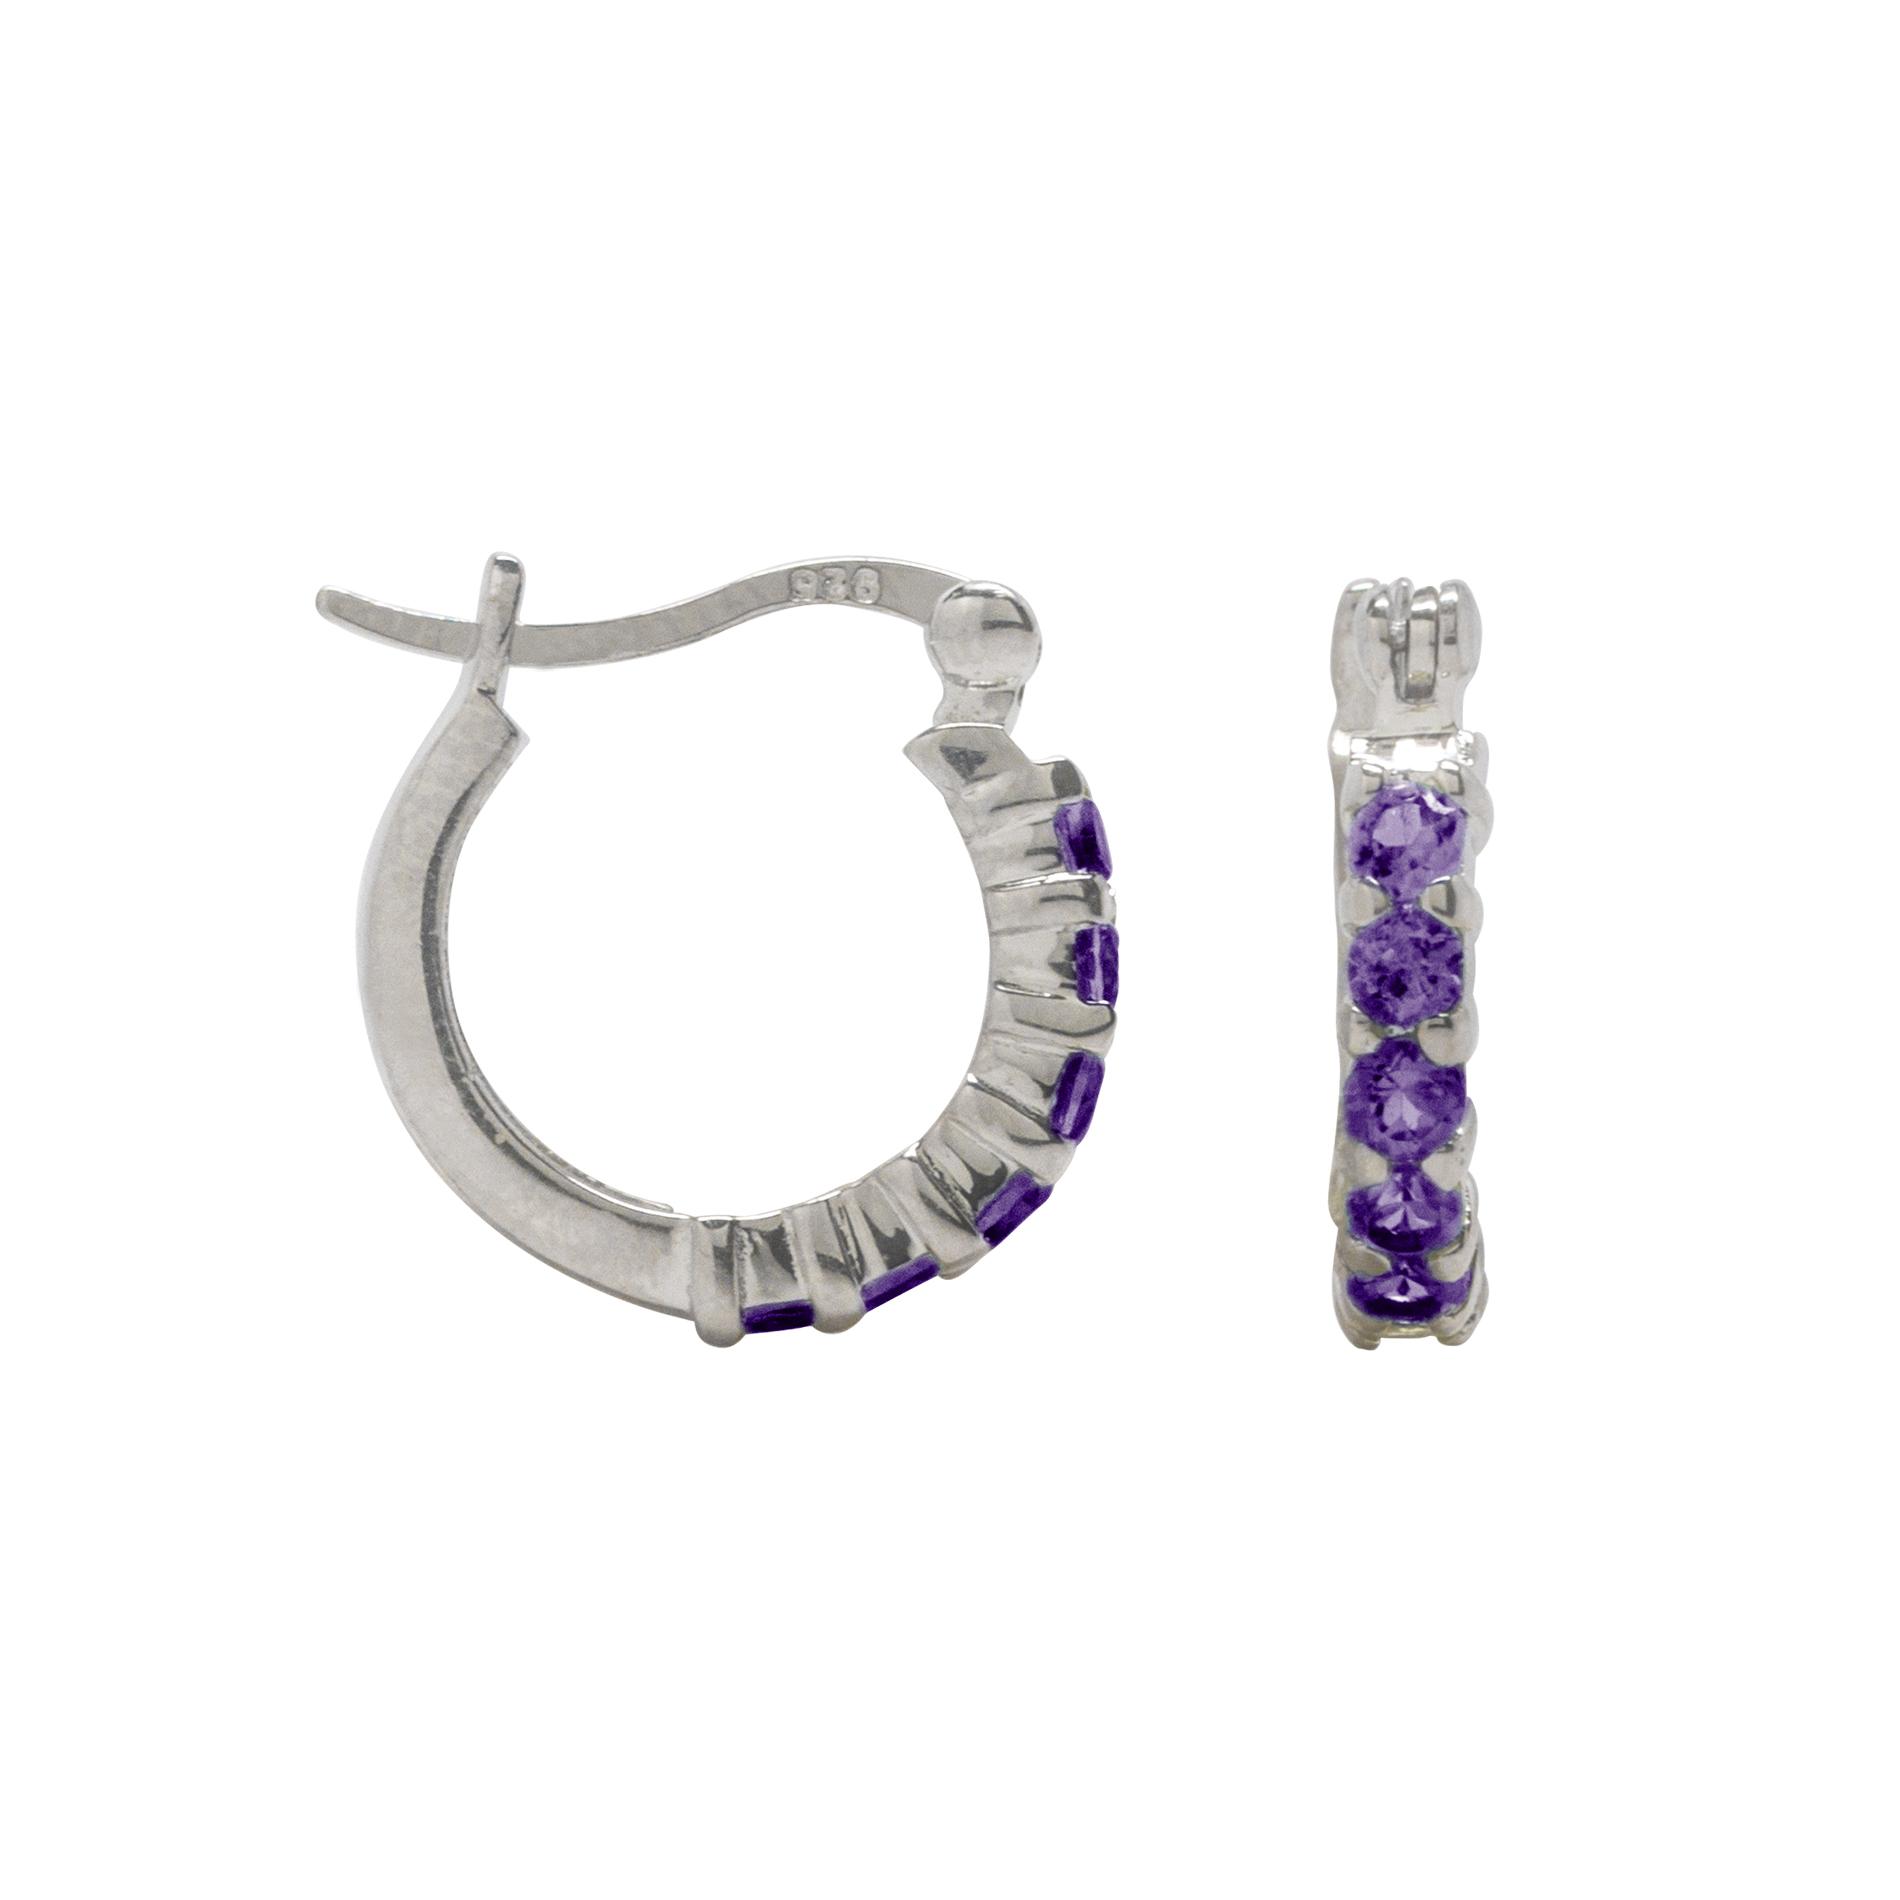 2.5mm Round Genuine Amethyst Hoop Earrings Sterling Silver